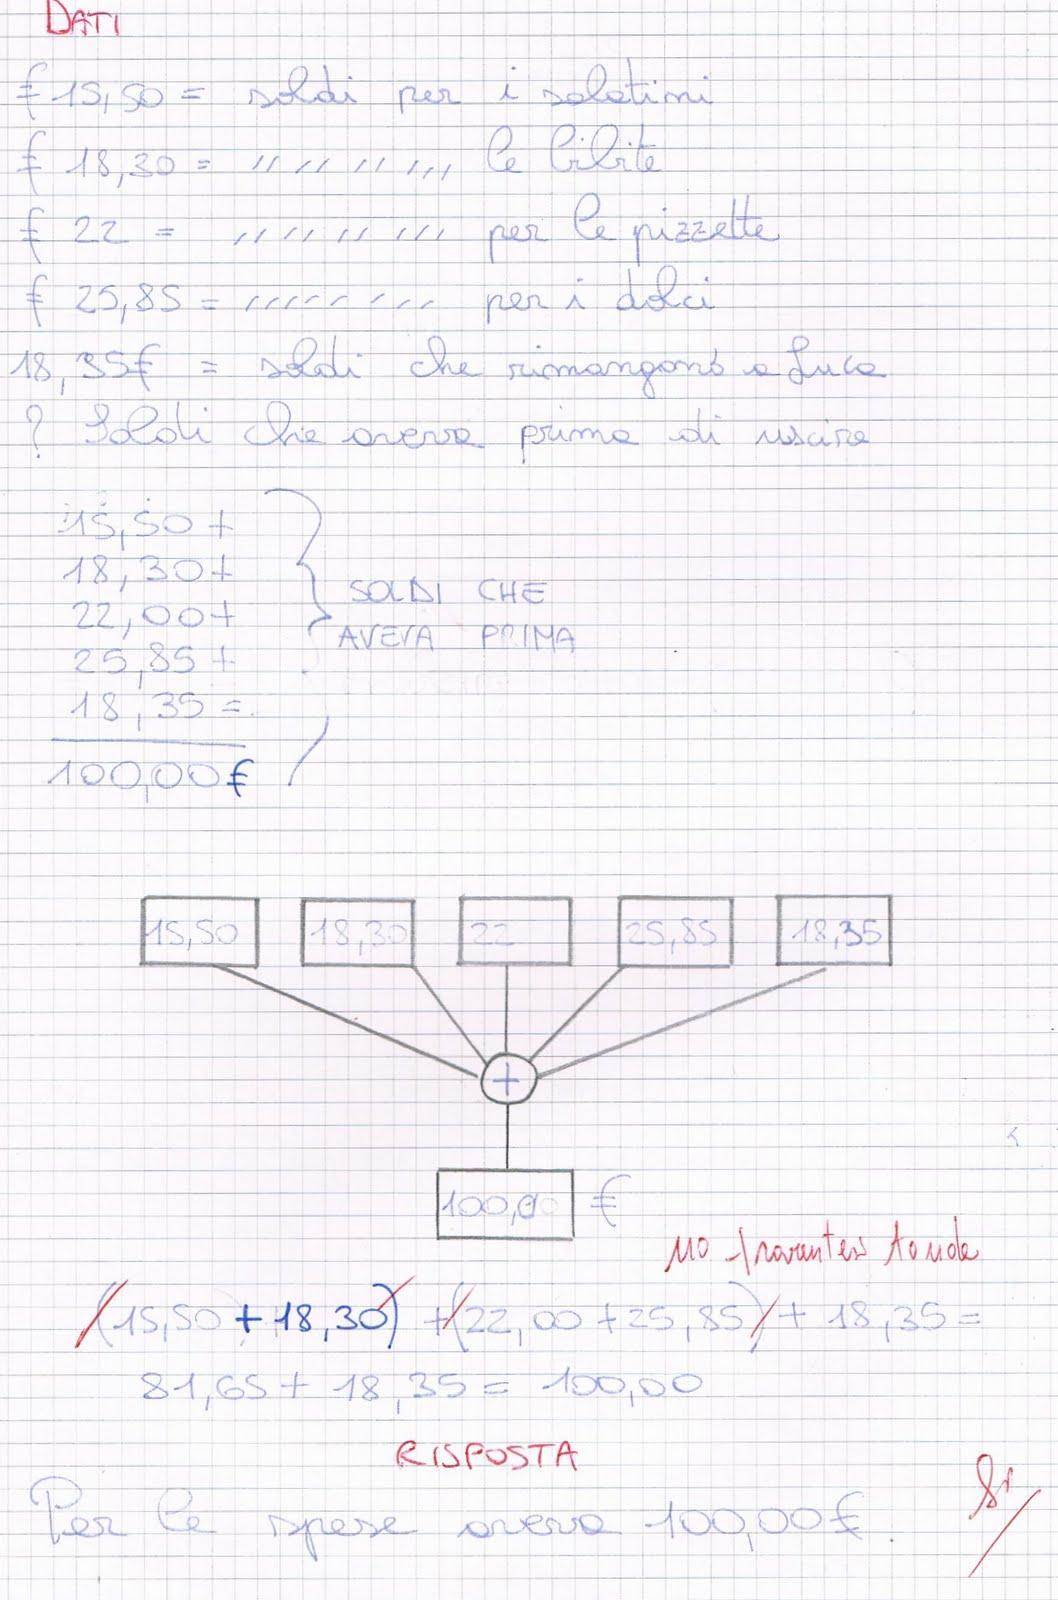 Risoluzione Di Problemi Diagramma A Blocchi Espressione Aritmetica